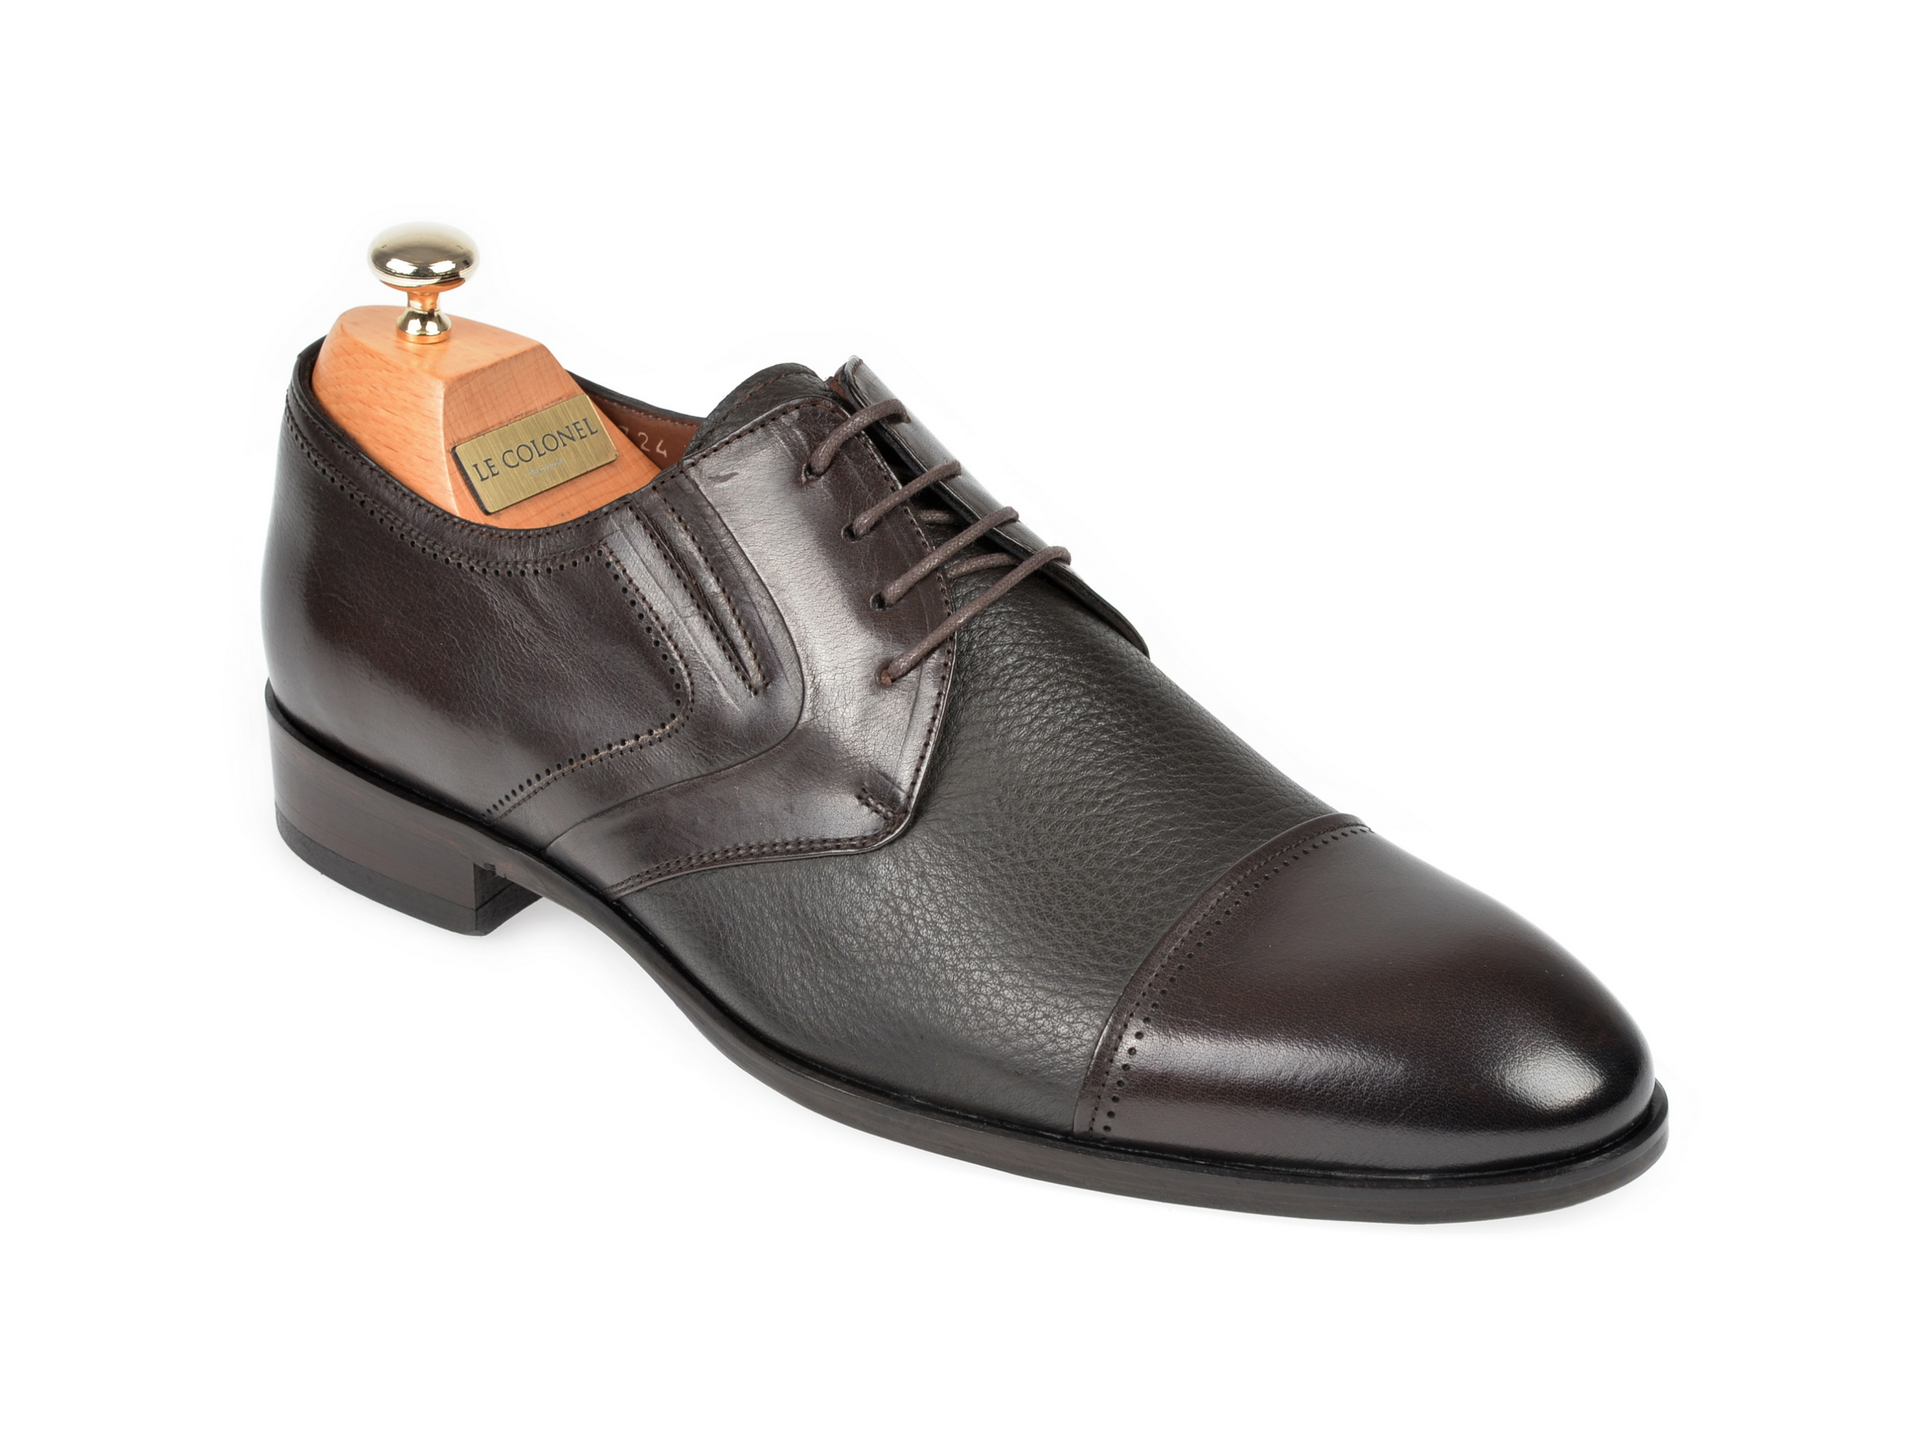 Pantofi LE COLONEL maro, 32724, din piele naturala imagine